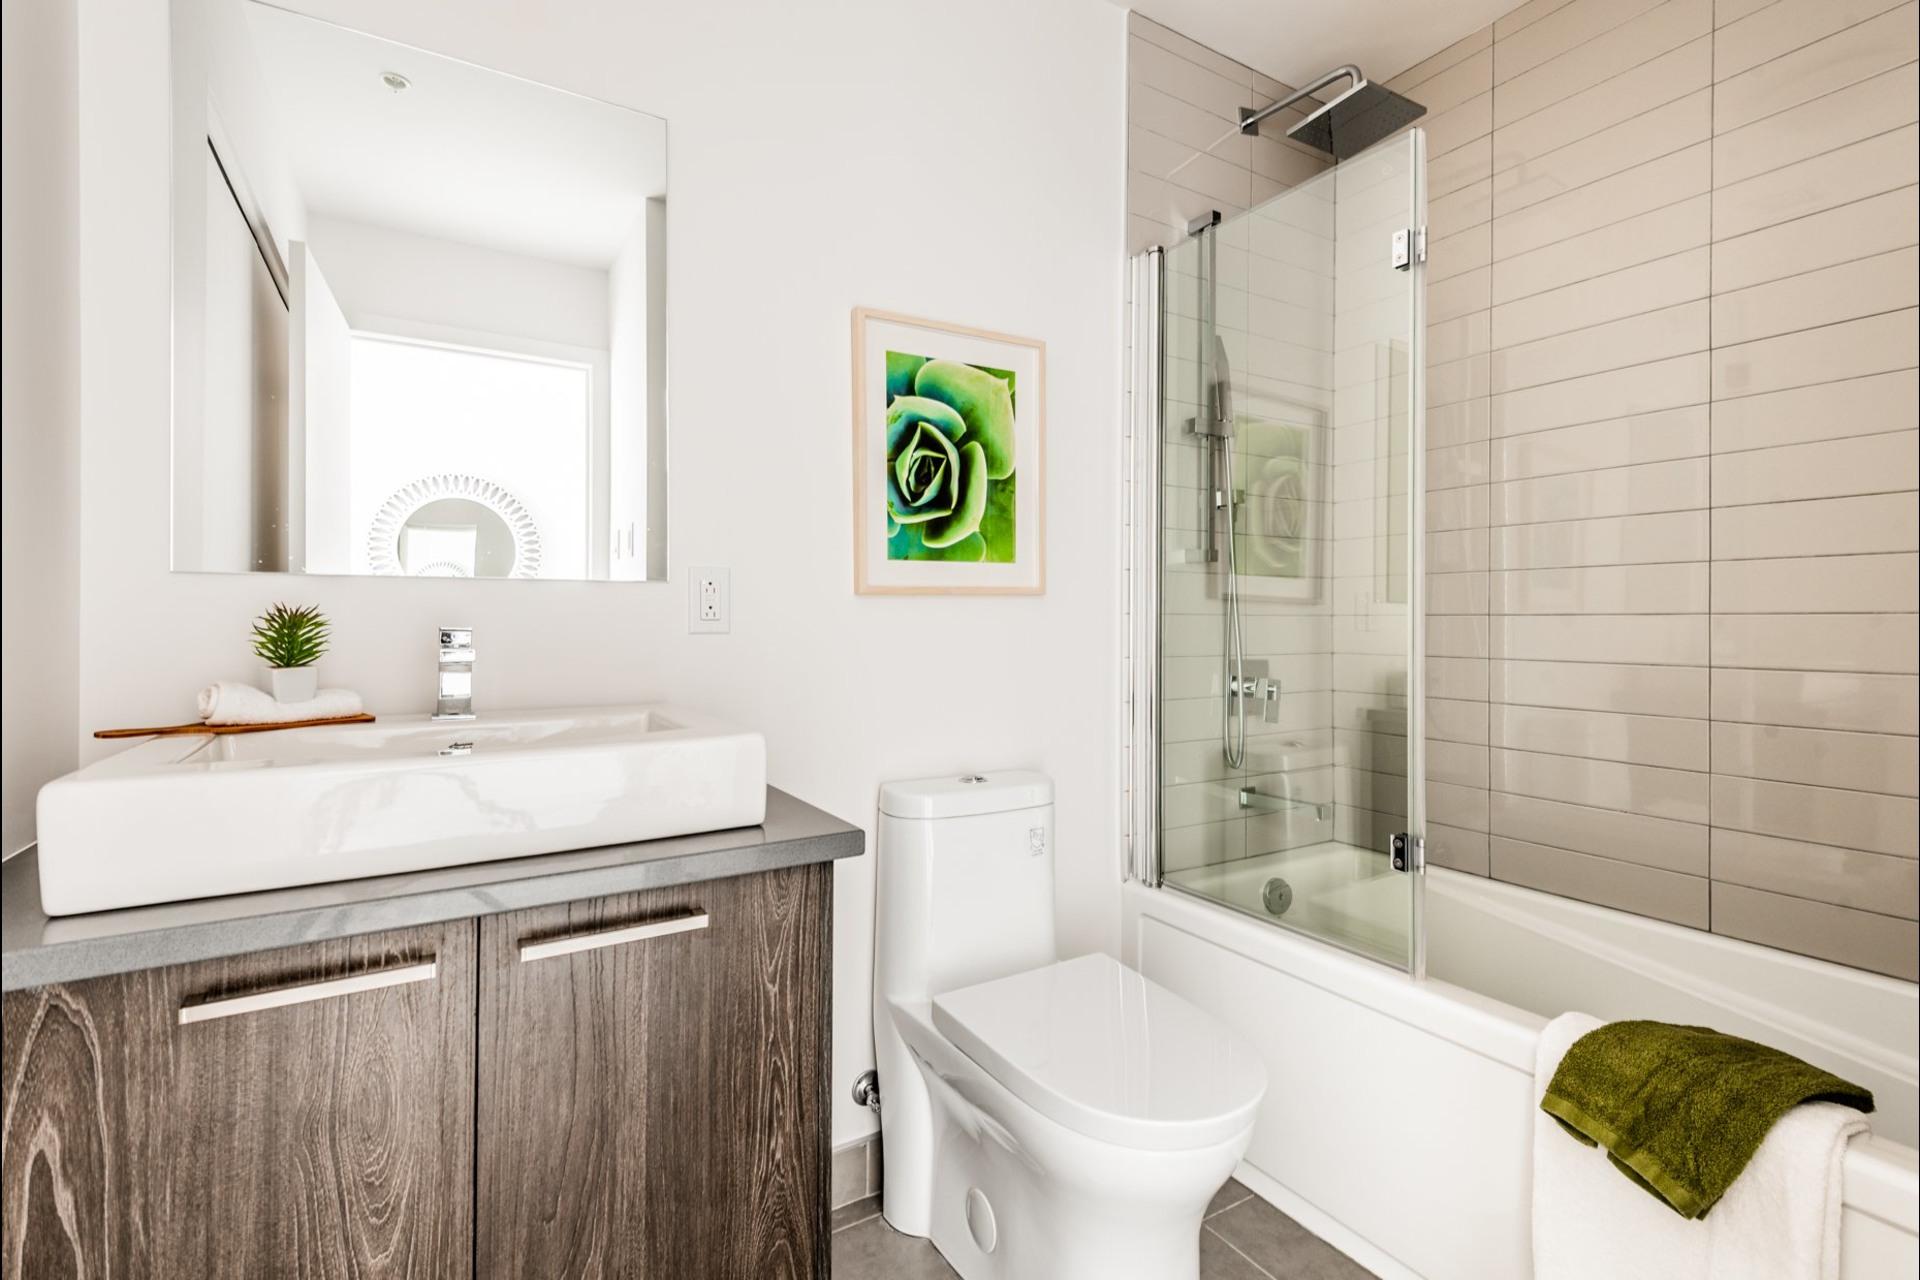 image 12 - Apartment For sale Villeray/Saint-Michel/Parc-Extension Montréal  - 3 rooms